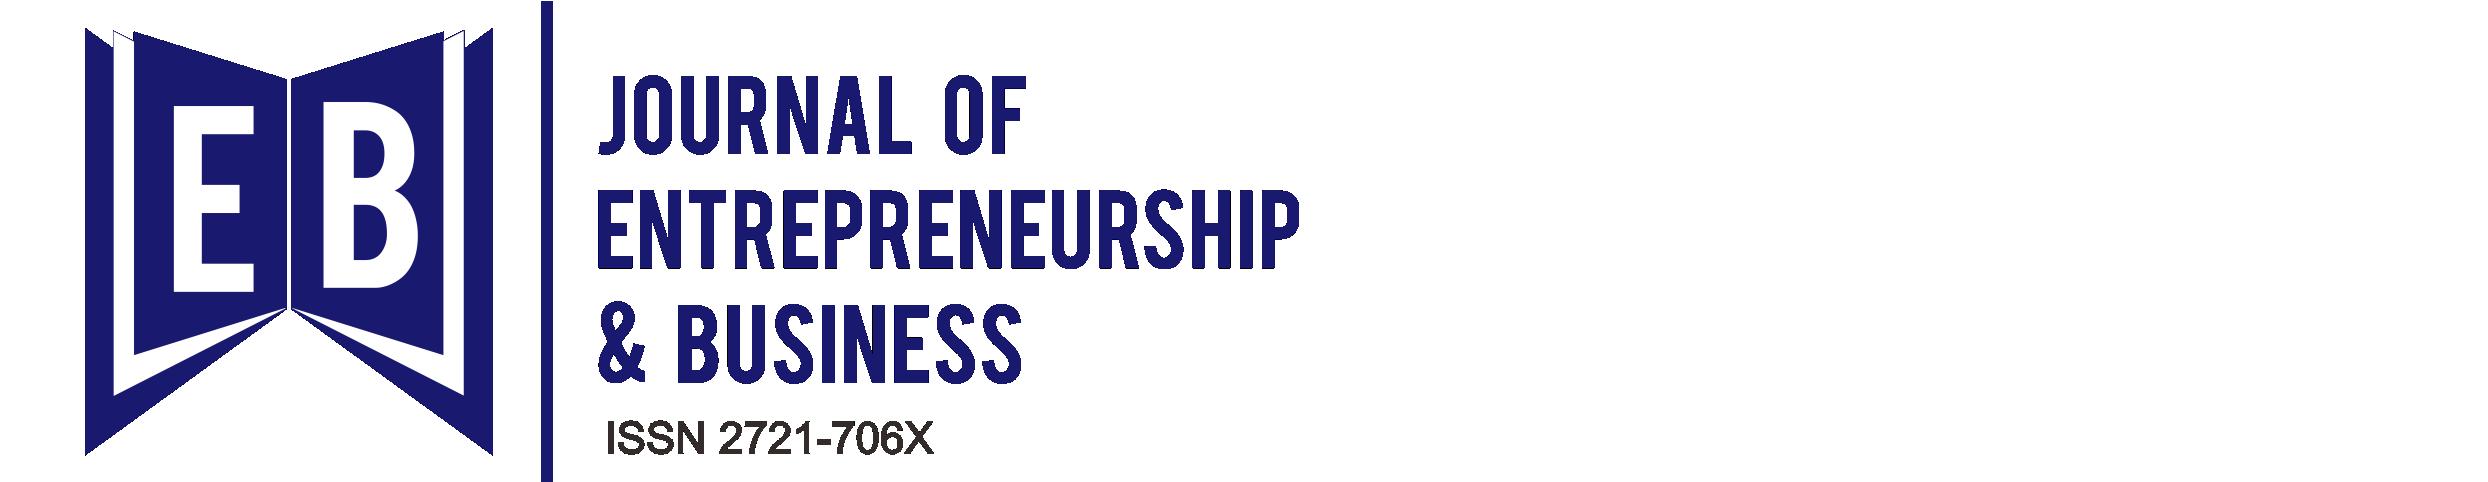 Journal of Entrepreneur & Business